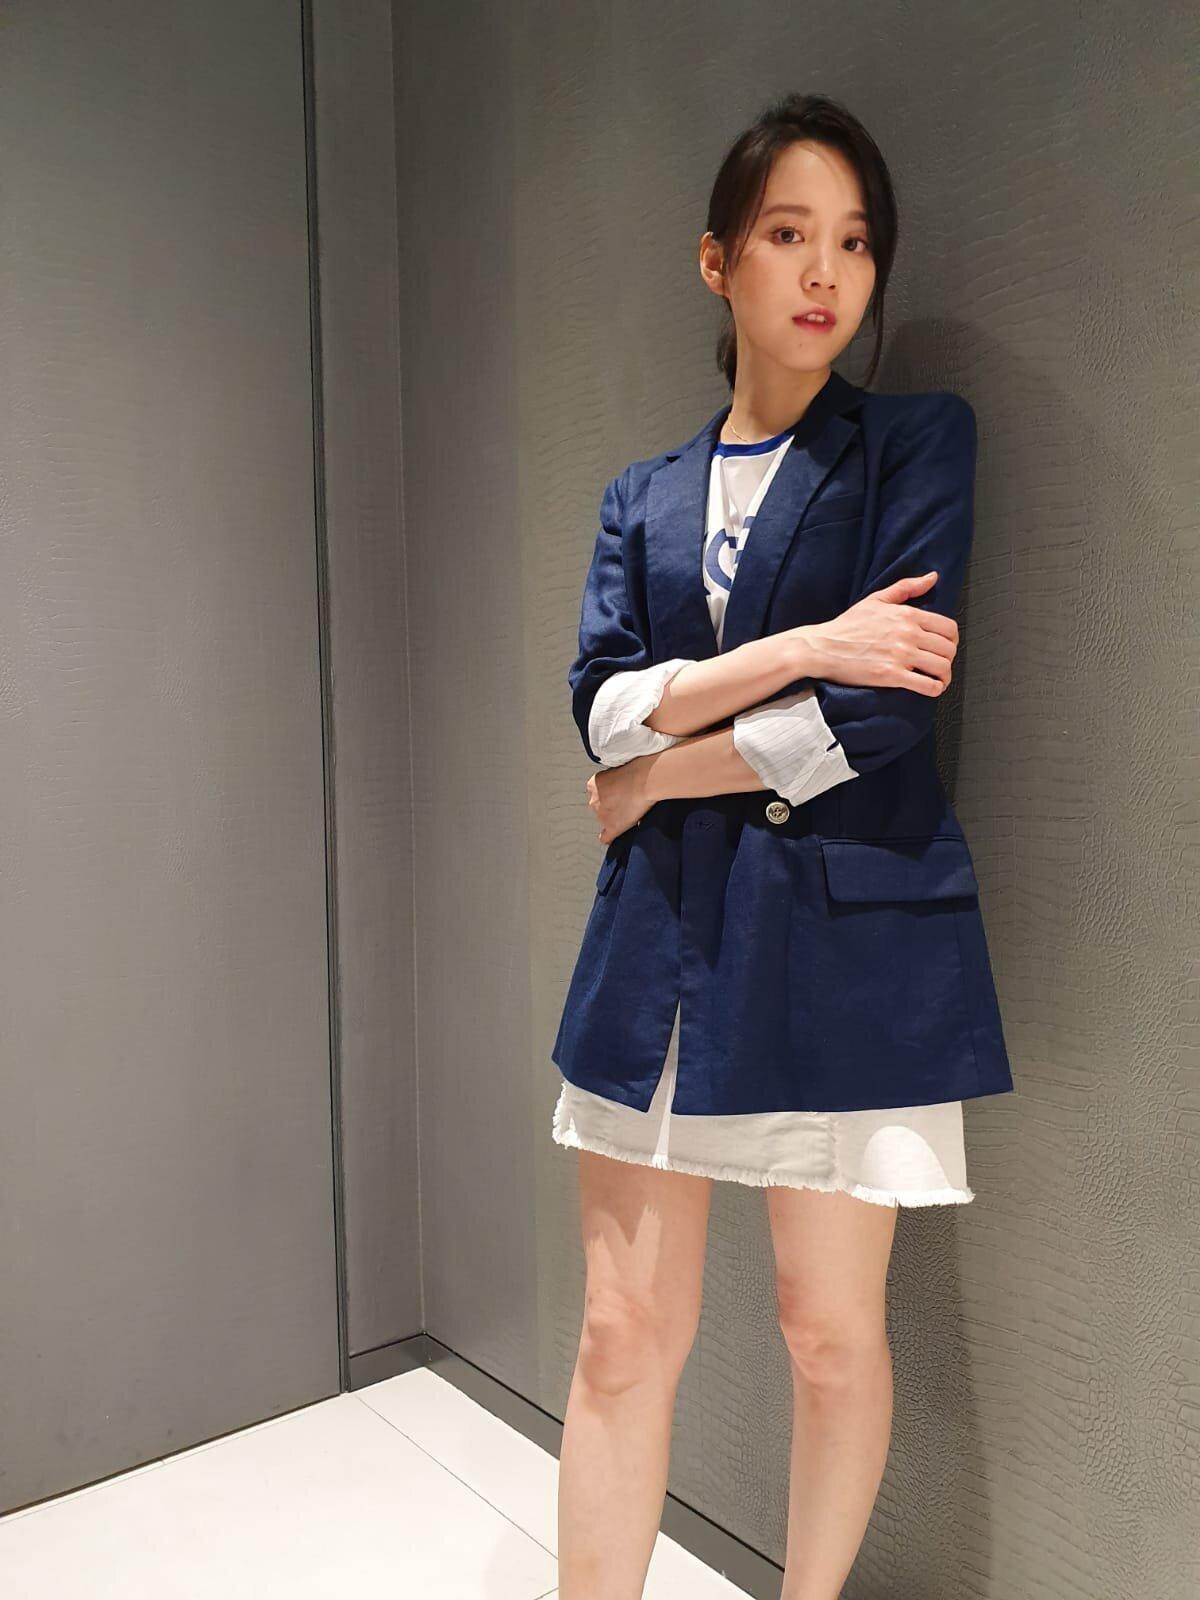 【明星搜查線】婚禮打扮不失禮 程予希穿出洋裝低調簡約